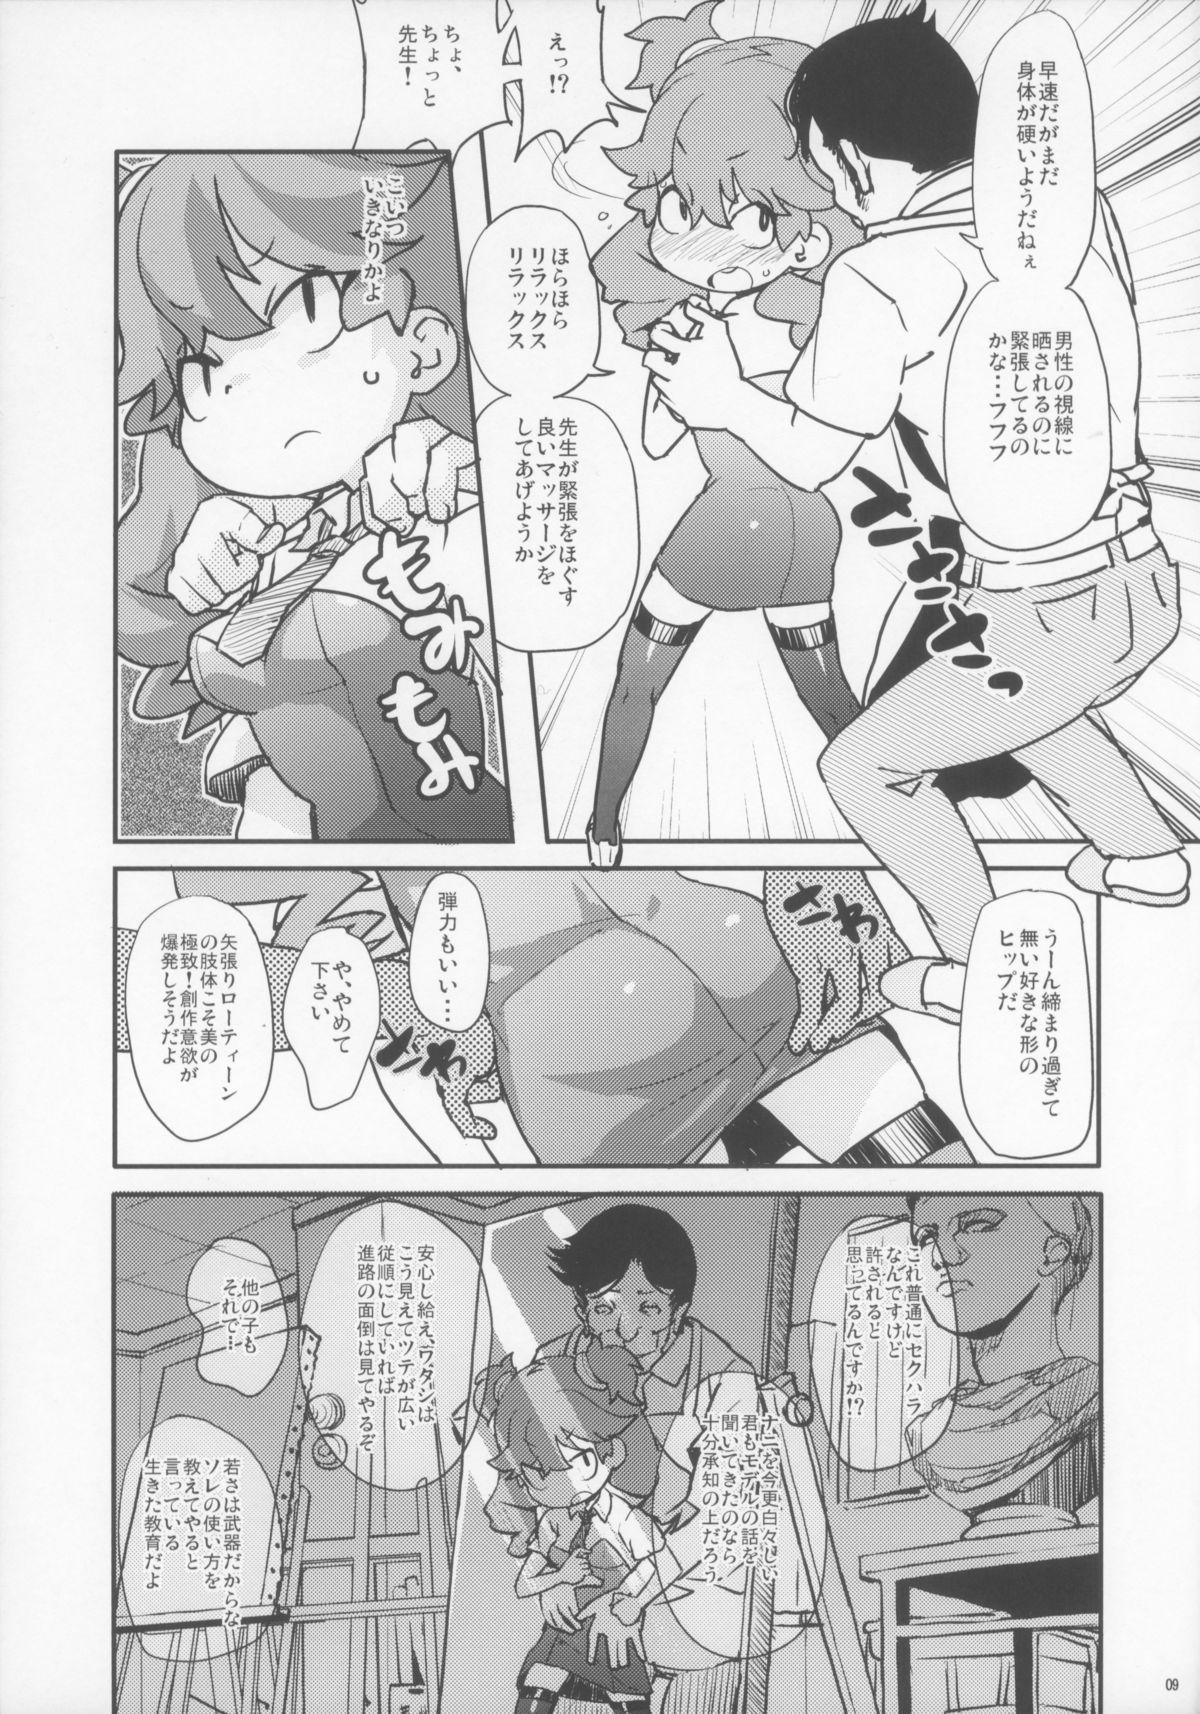 eru-shichi 8